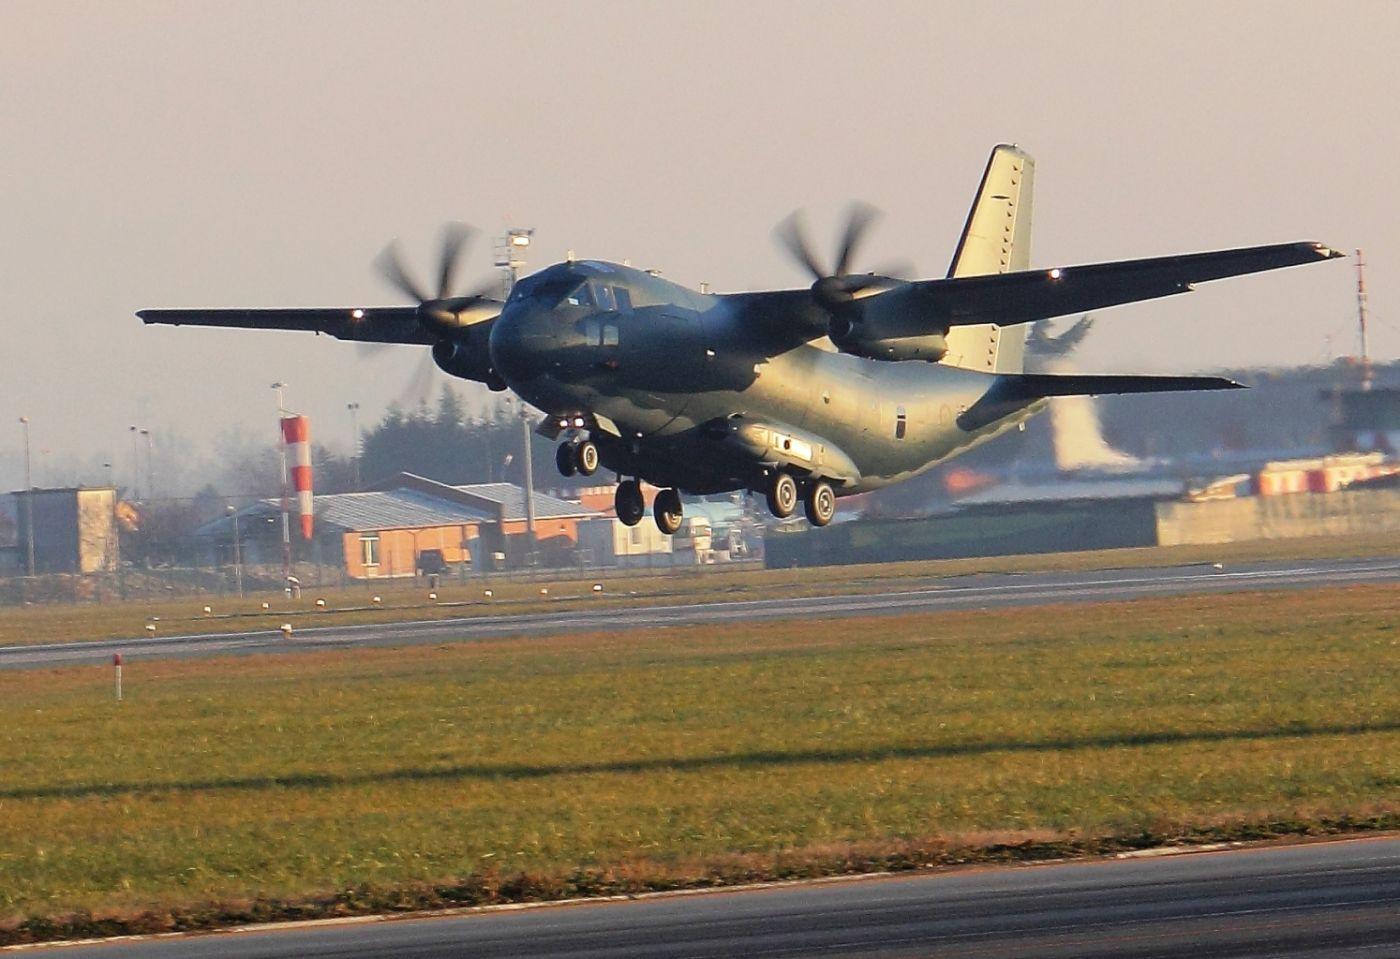 Первый самолет Alenia Aermacchi C-27J (серийный номер 4179, бортовой номер A34-001, временная итальянская регистрация I-EASC), построенный для ВВС Австралии, в первом полете. Турин, 19.12.2013.